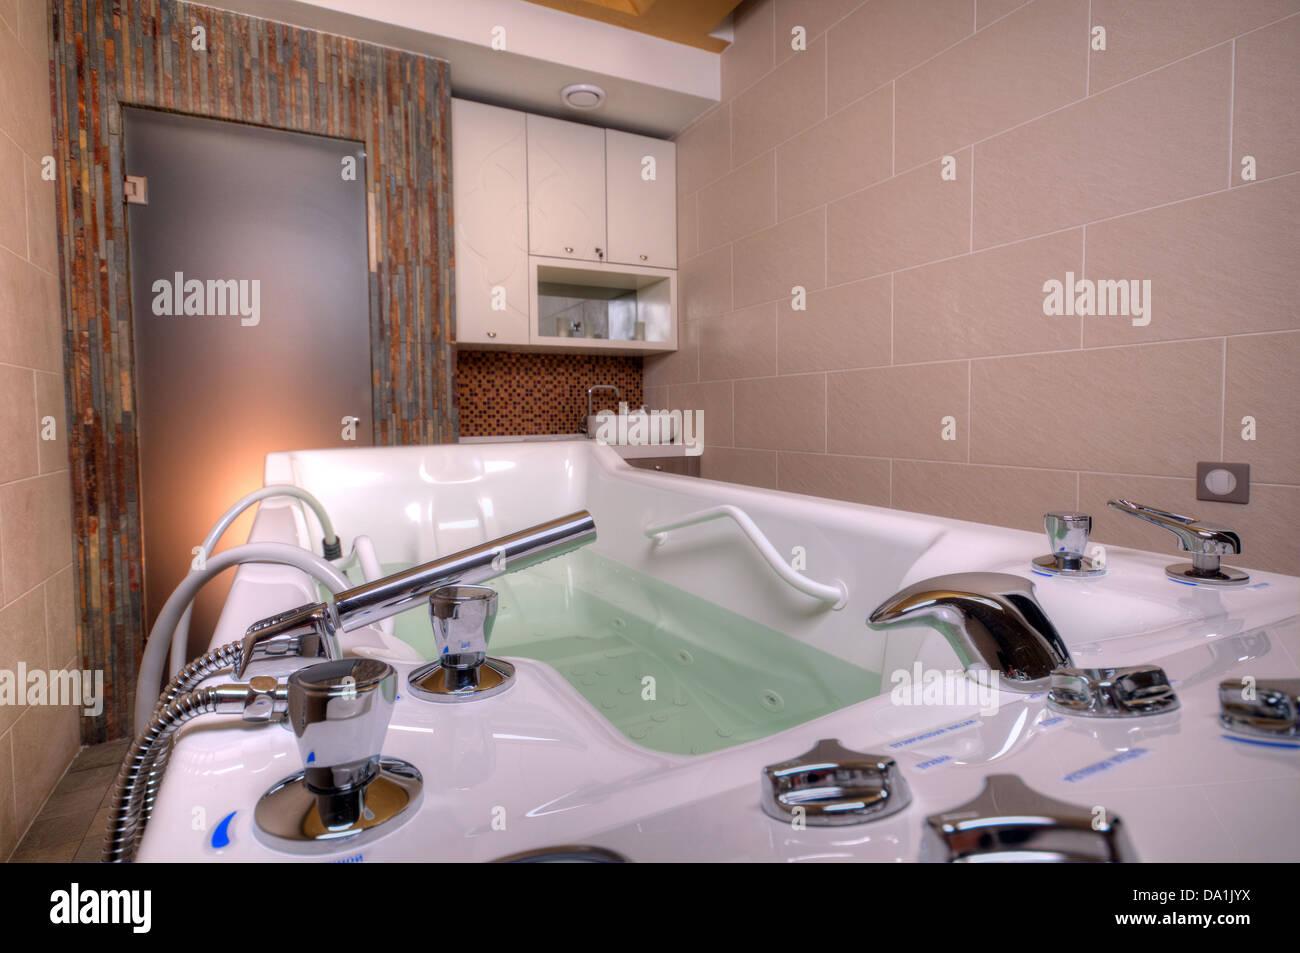 Whirlpool Badezimmer | Jacuzzi Whirlpool Badewanne In Einem Badezimmer Aus Marmor Stockfoto